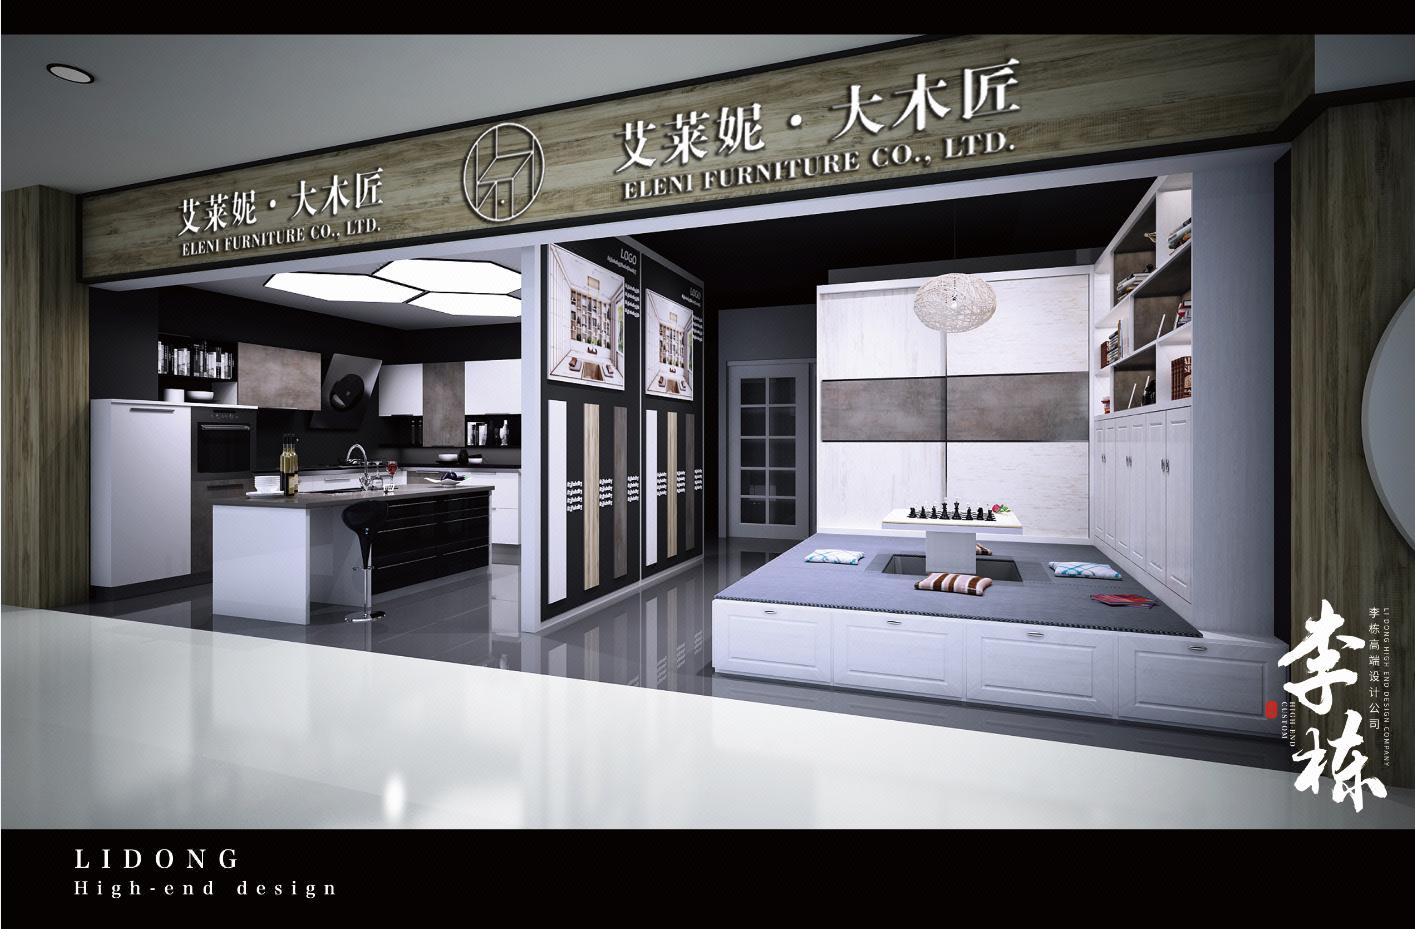 家具展厅,橱柜展厅,生活体验馆设计-李栋高端设计公司图片